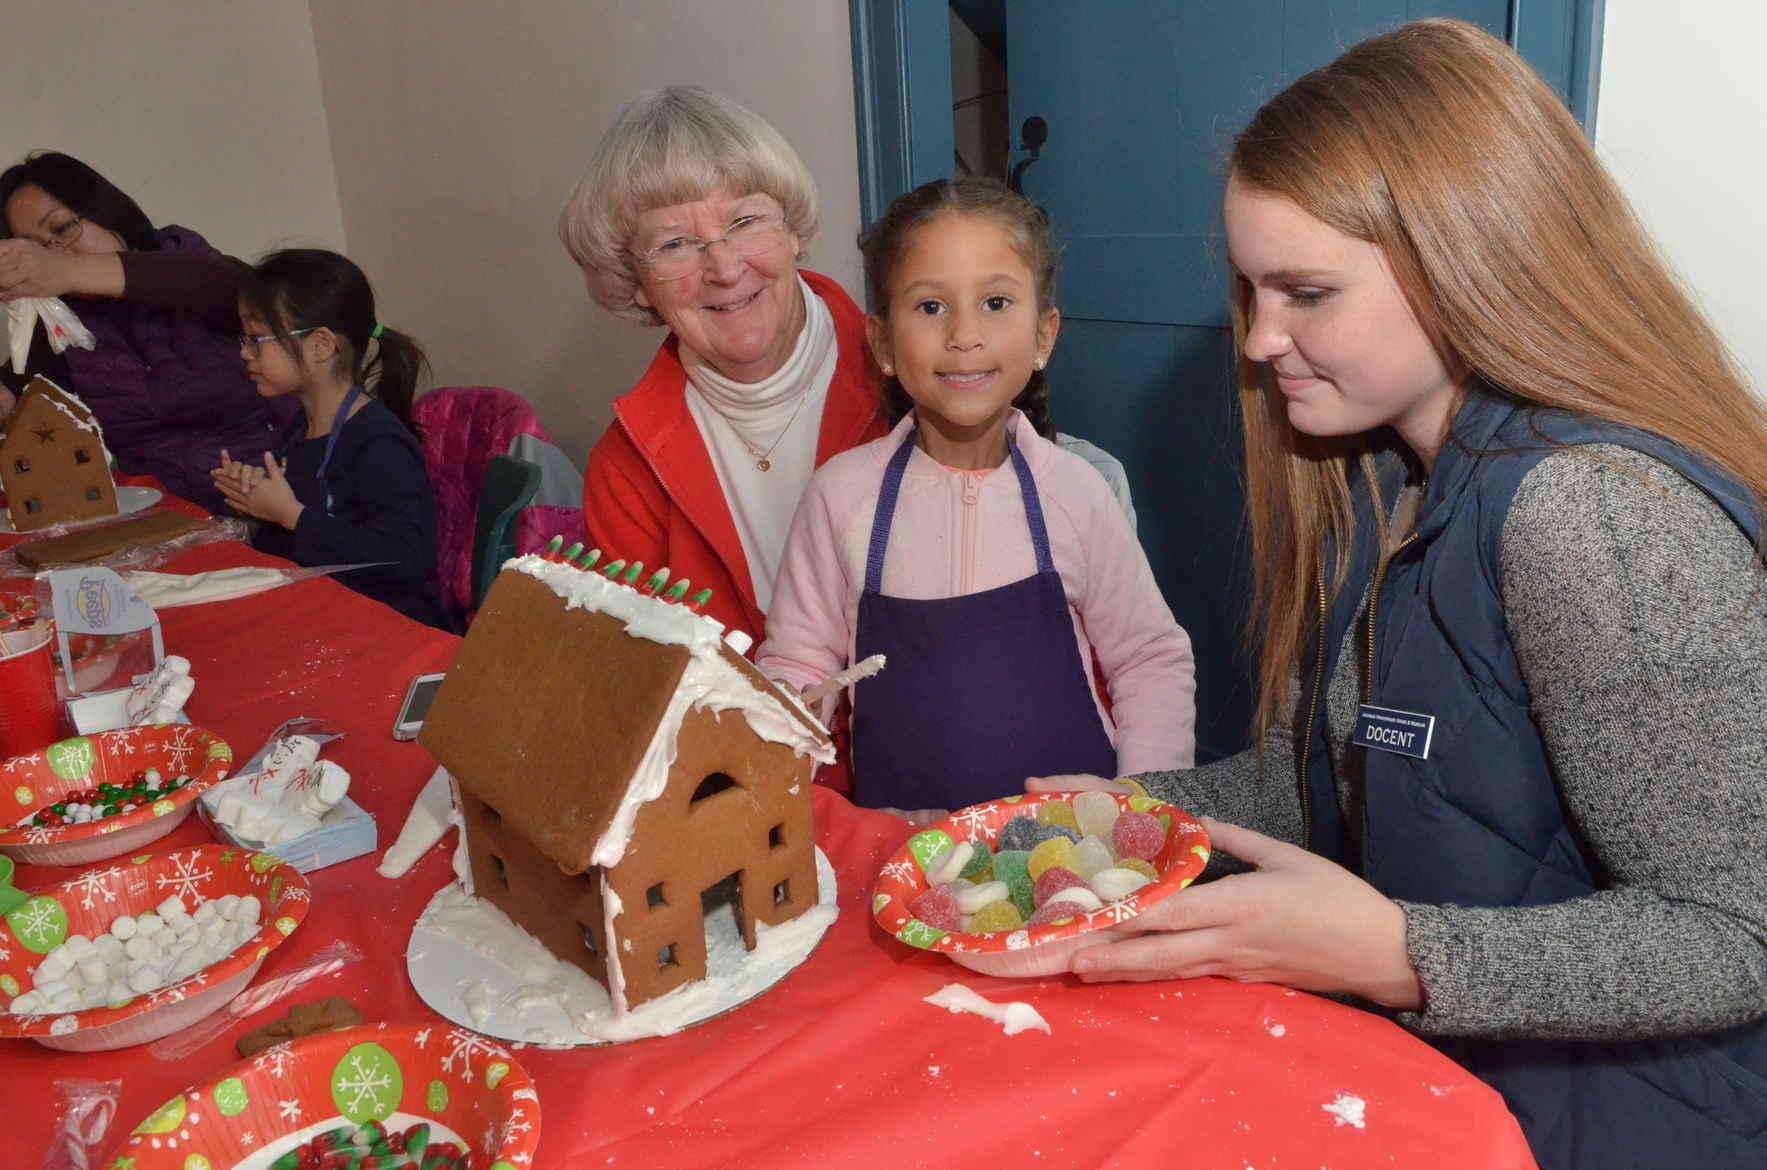 Gingerbread House Workshop image